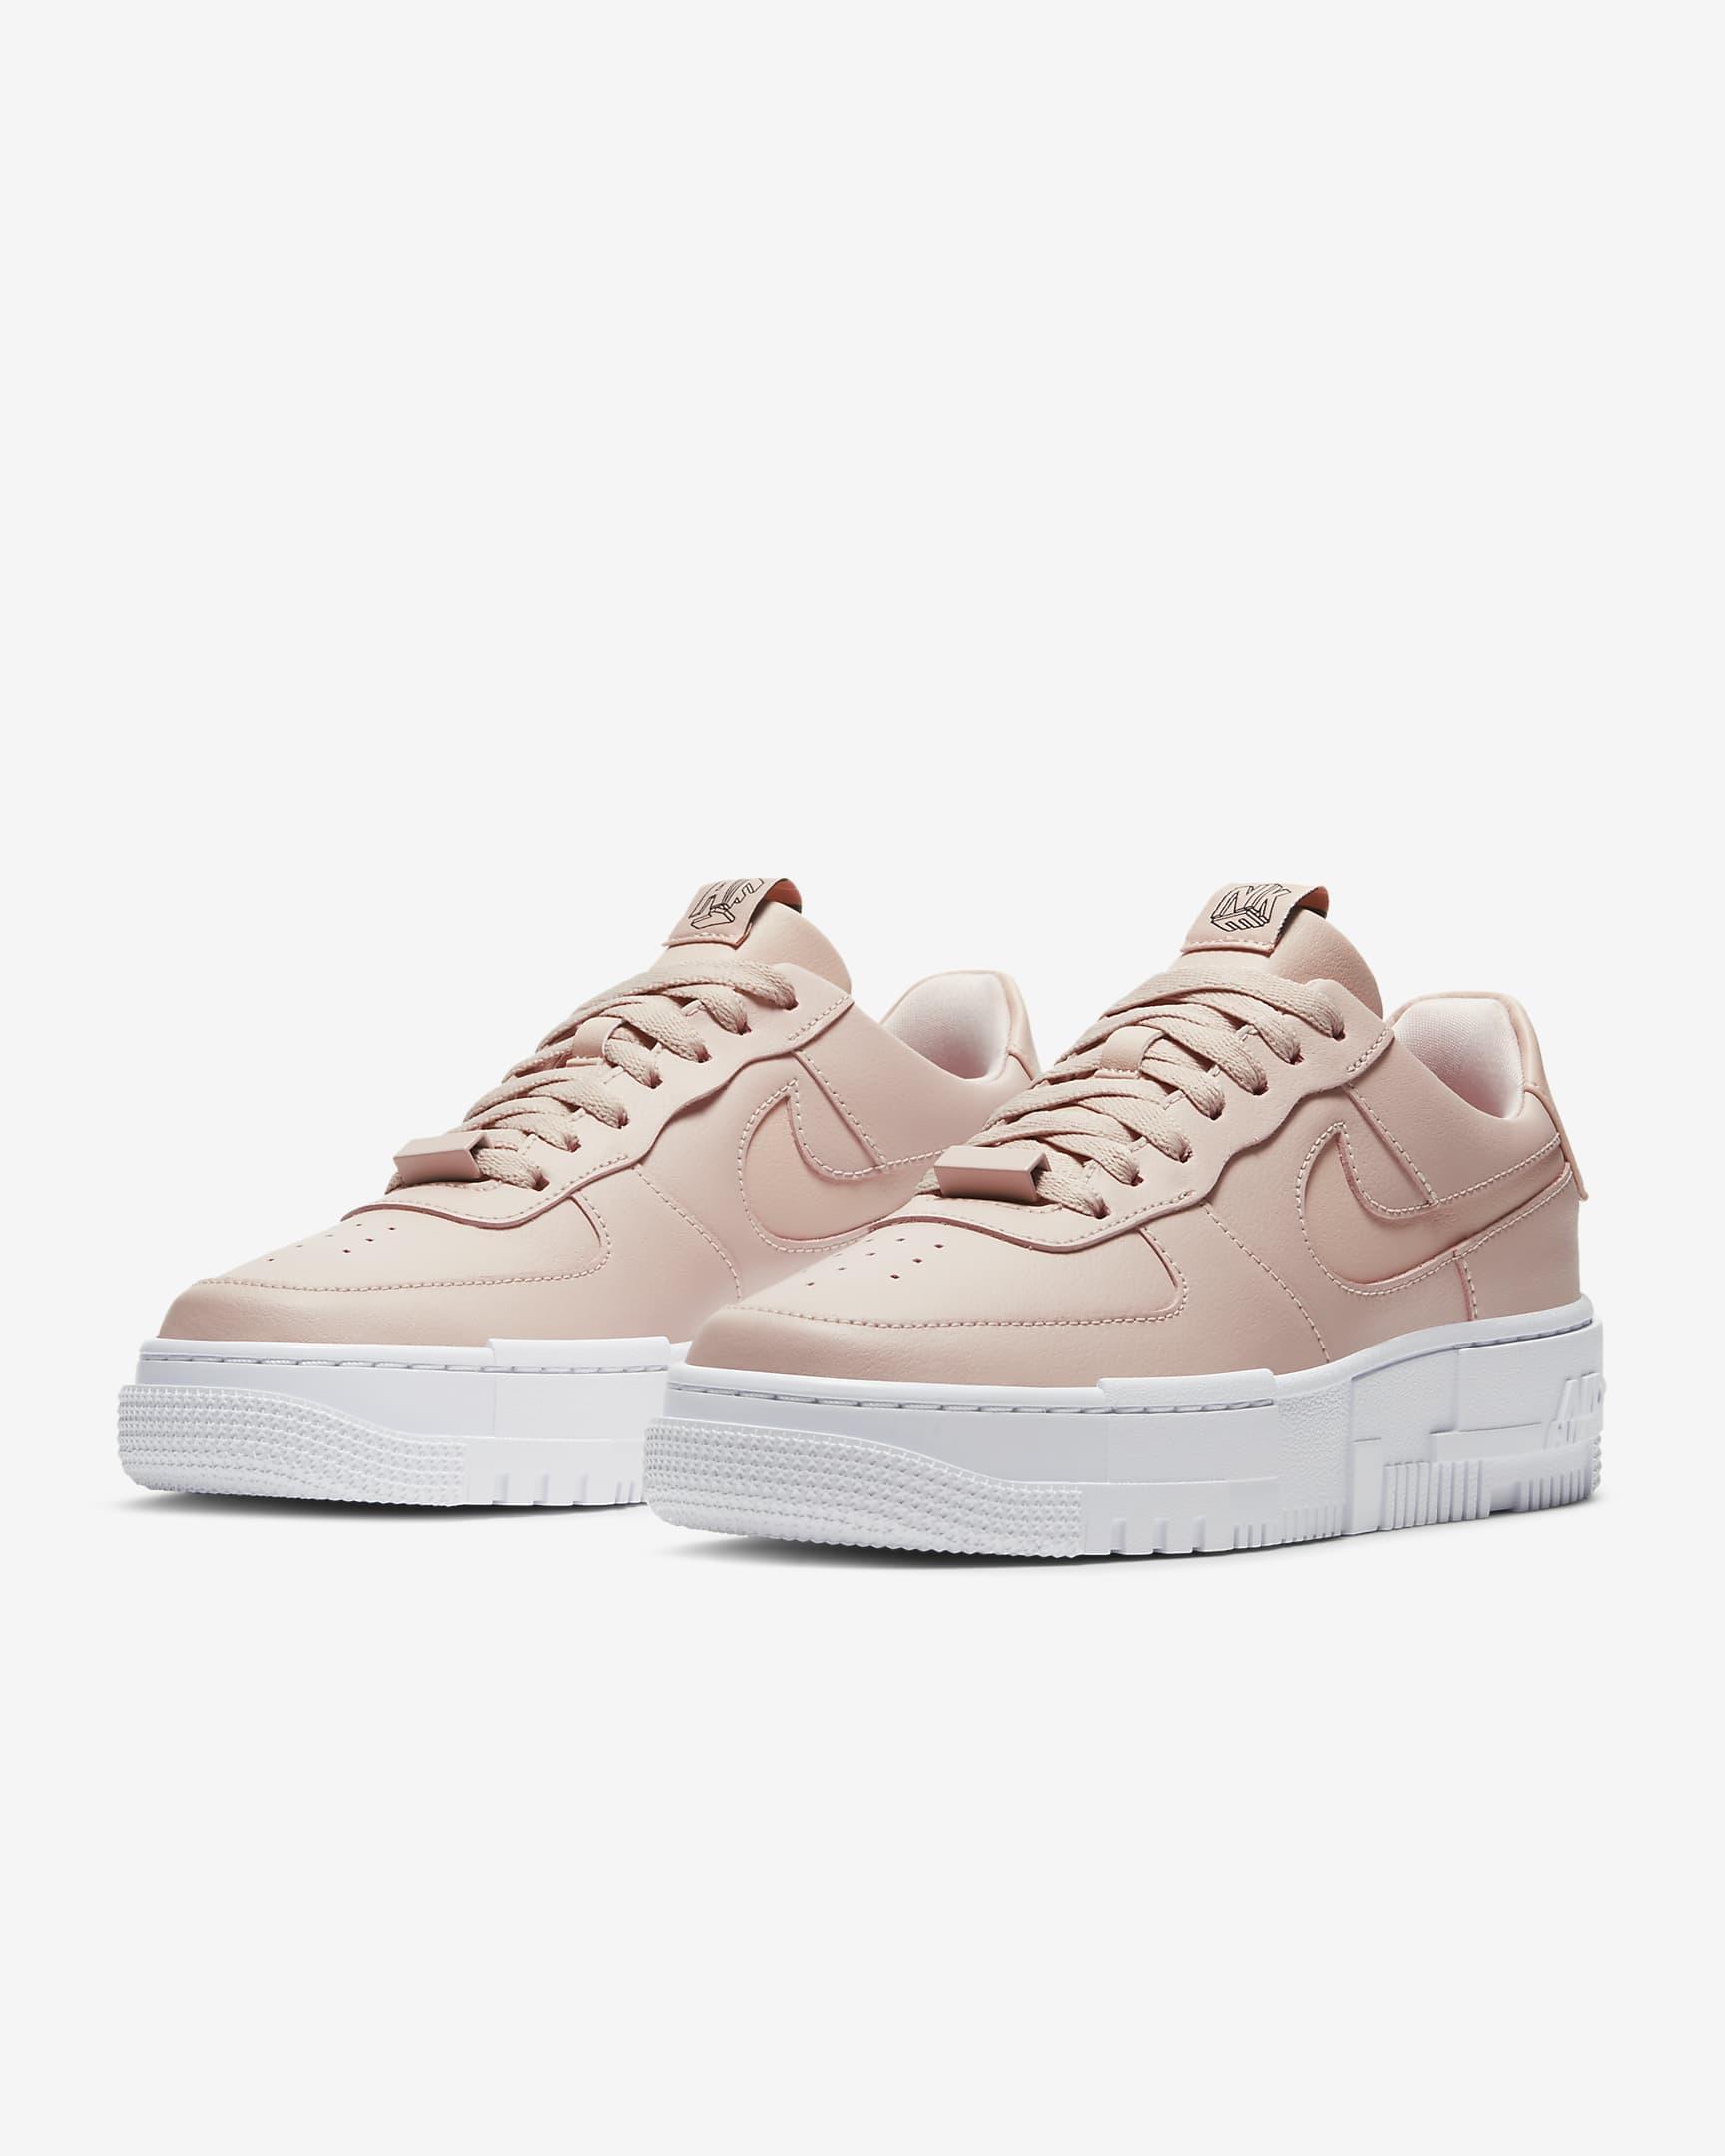 Air Force 1 Pixel sneakers in pastel pink.